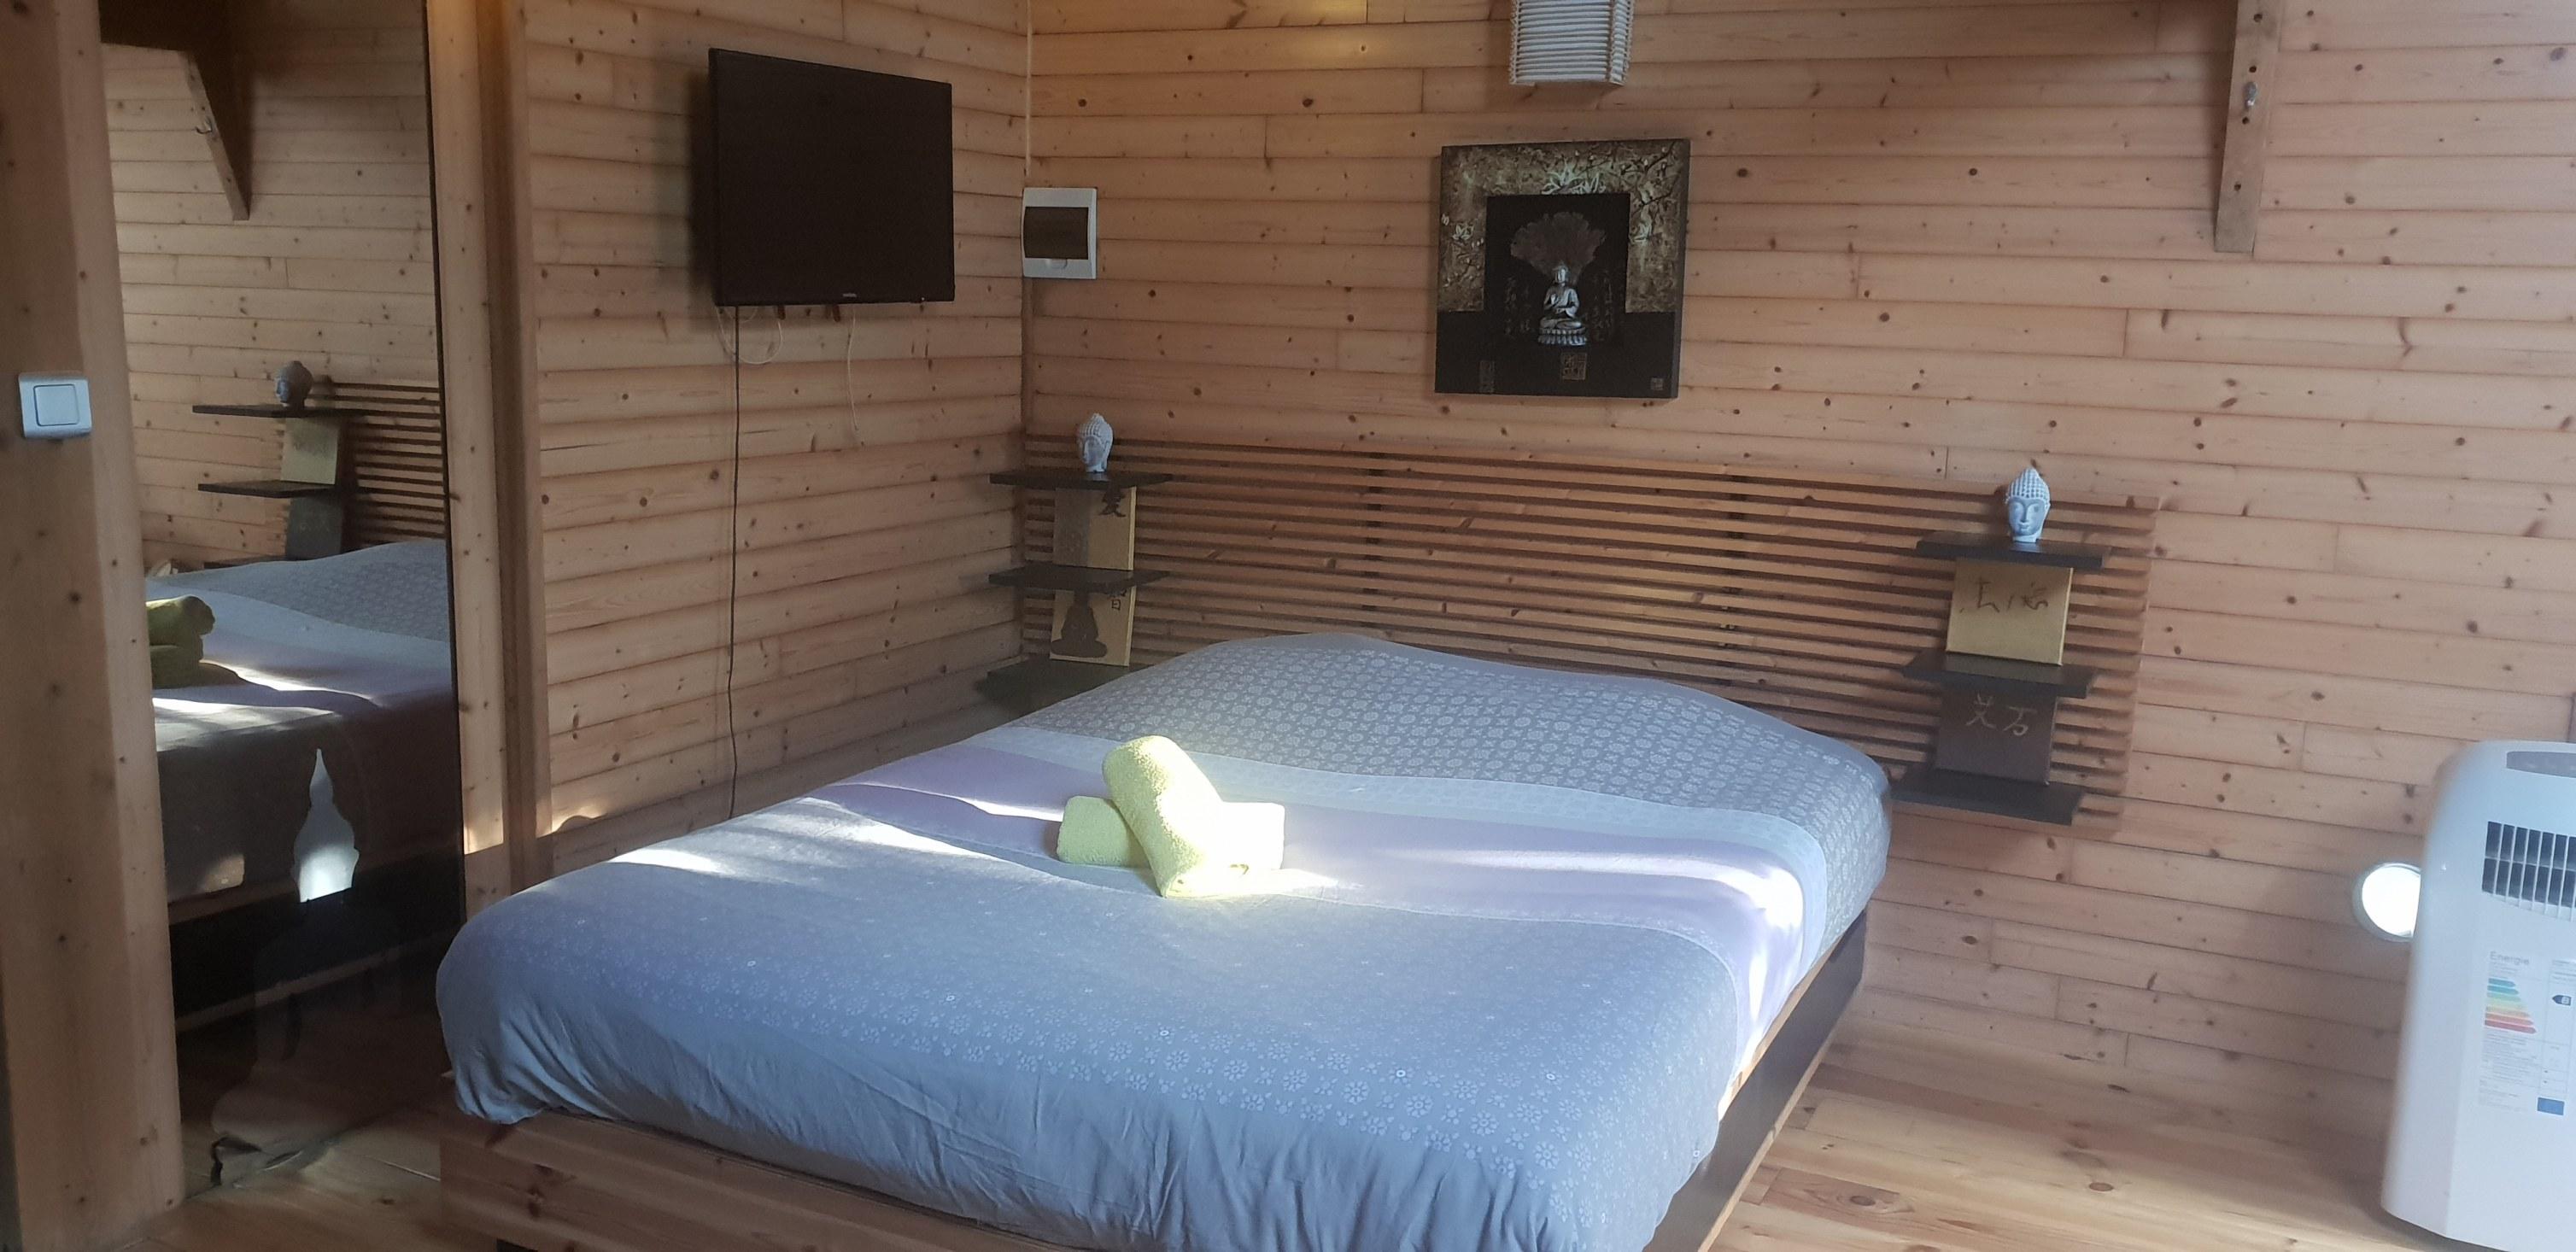 chambre-jacuzzi-privatif-lille-nord-pas-de-calais-lit-tv-cadre-fleur-chambre